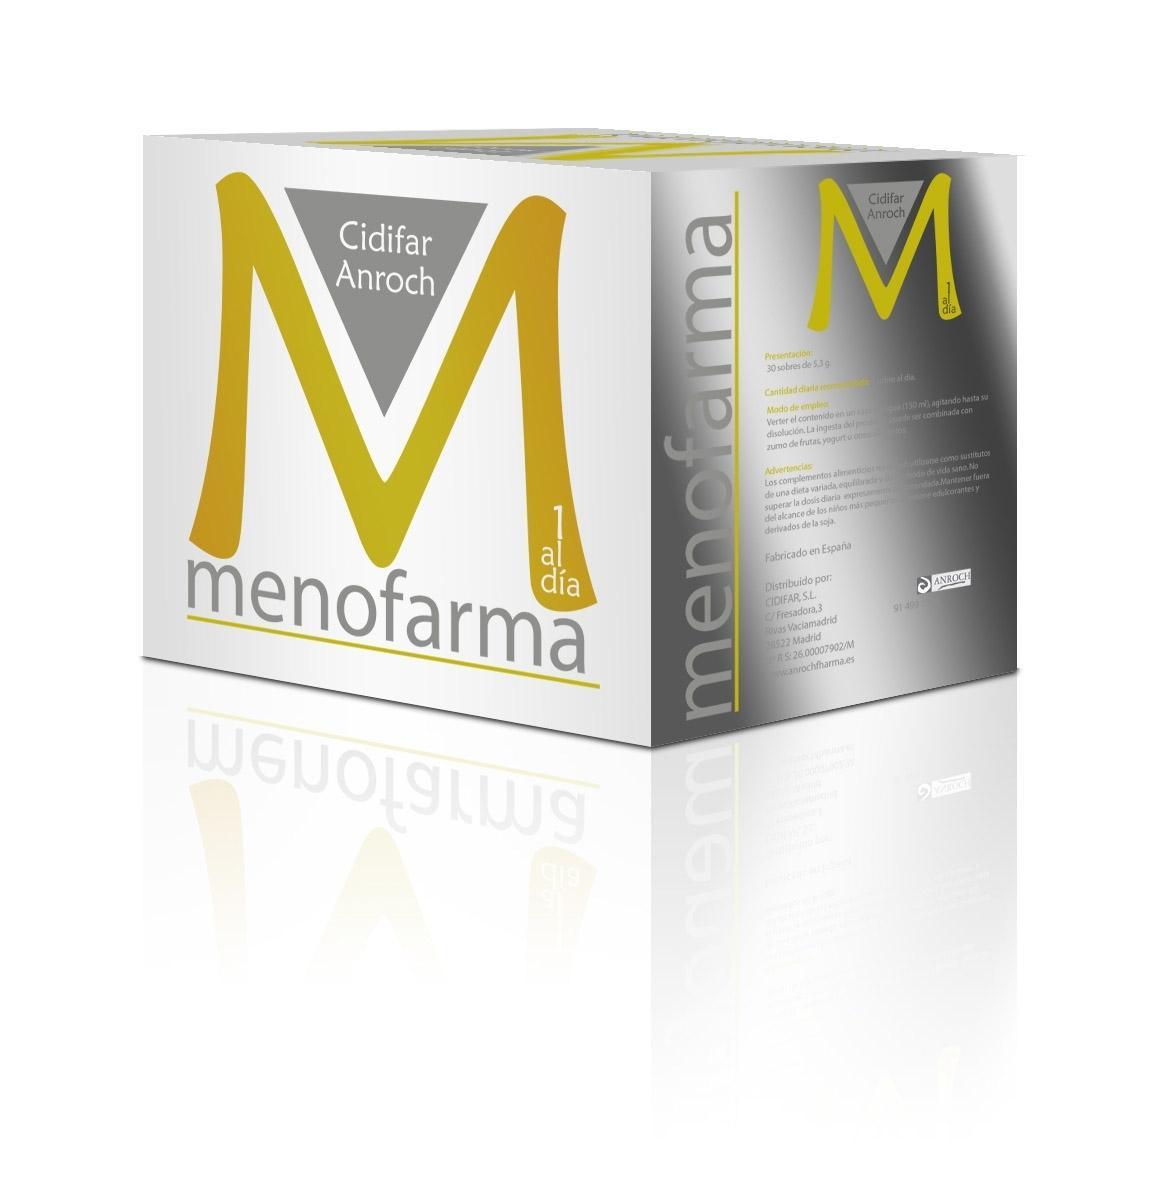 MENOFARMA, 30 sobres de 5.3 g. ¡OFERTA TEMPORAL sin gastos de envío!